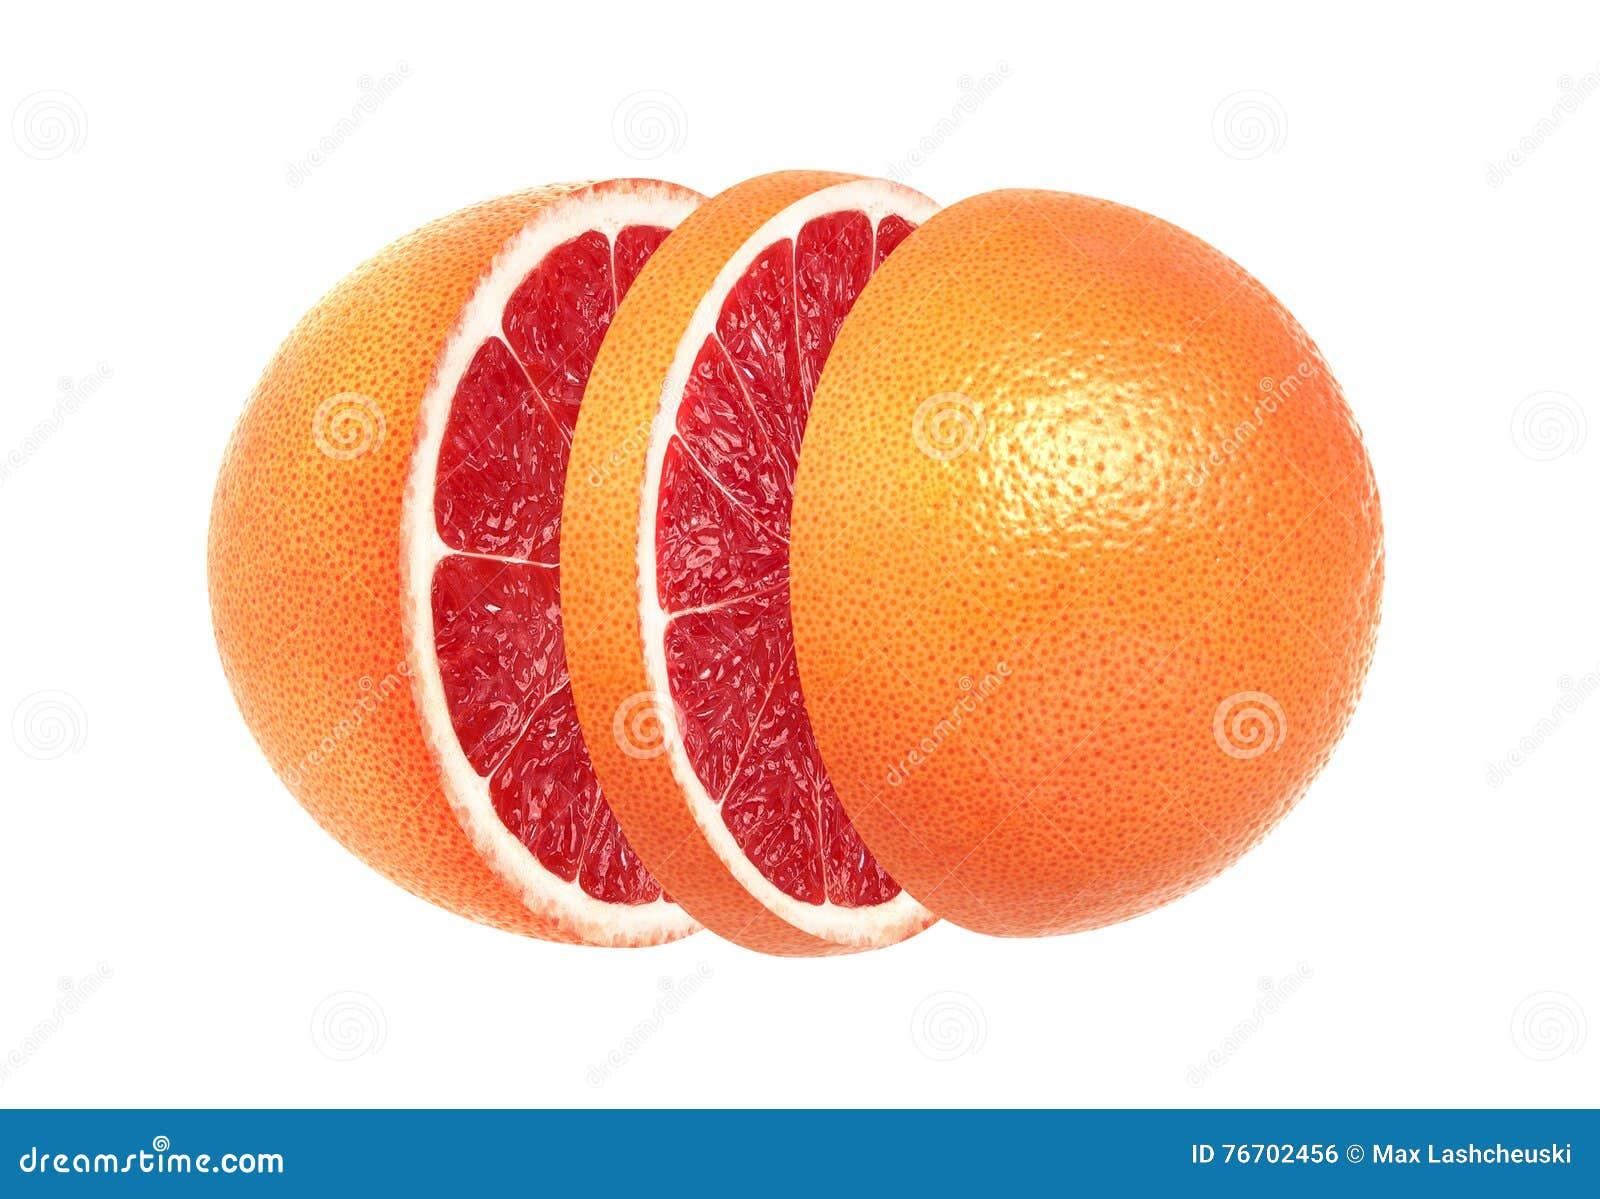 Skivad grapefrukt som isoleras på vit bakgrund